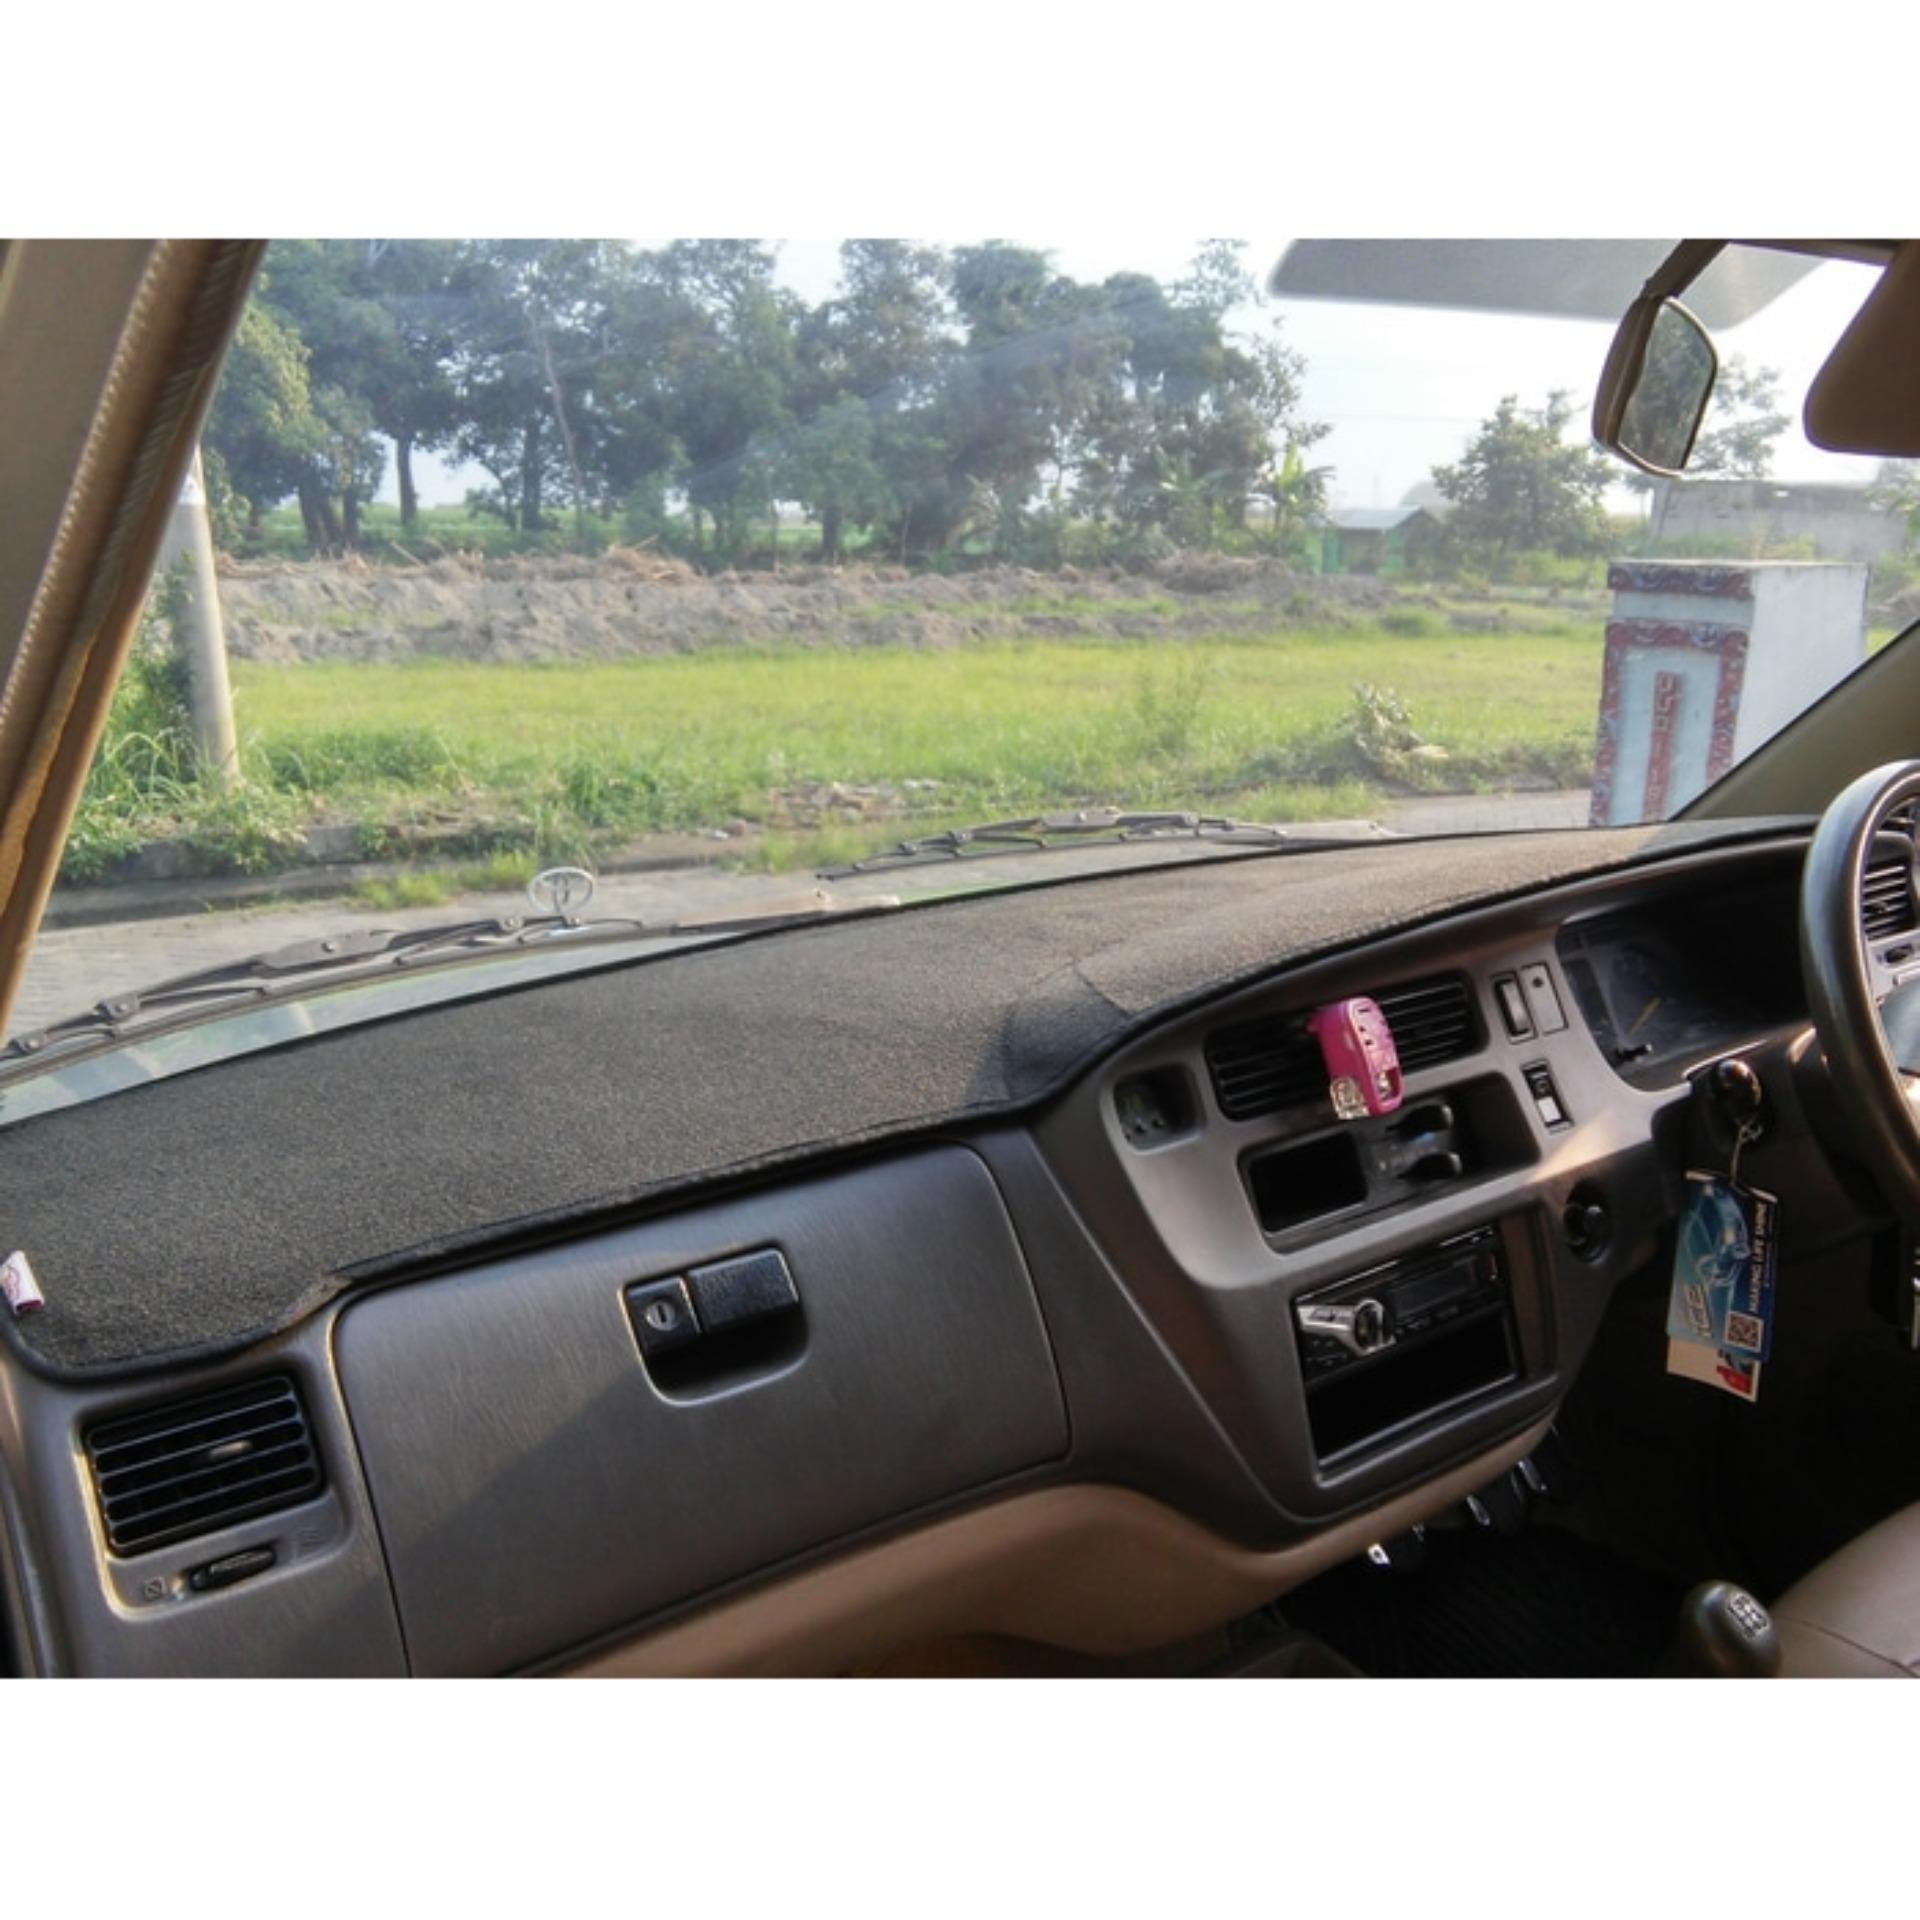 PALING DICARI Cover Dashboard Kijang Kapsul aksesoris interior mobil TERLARIS